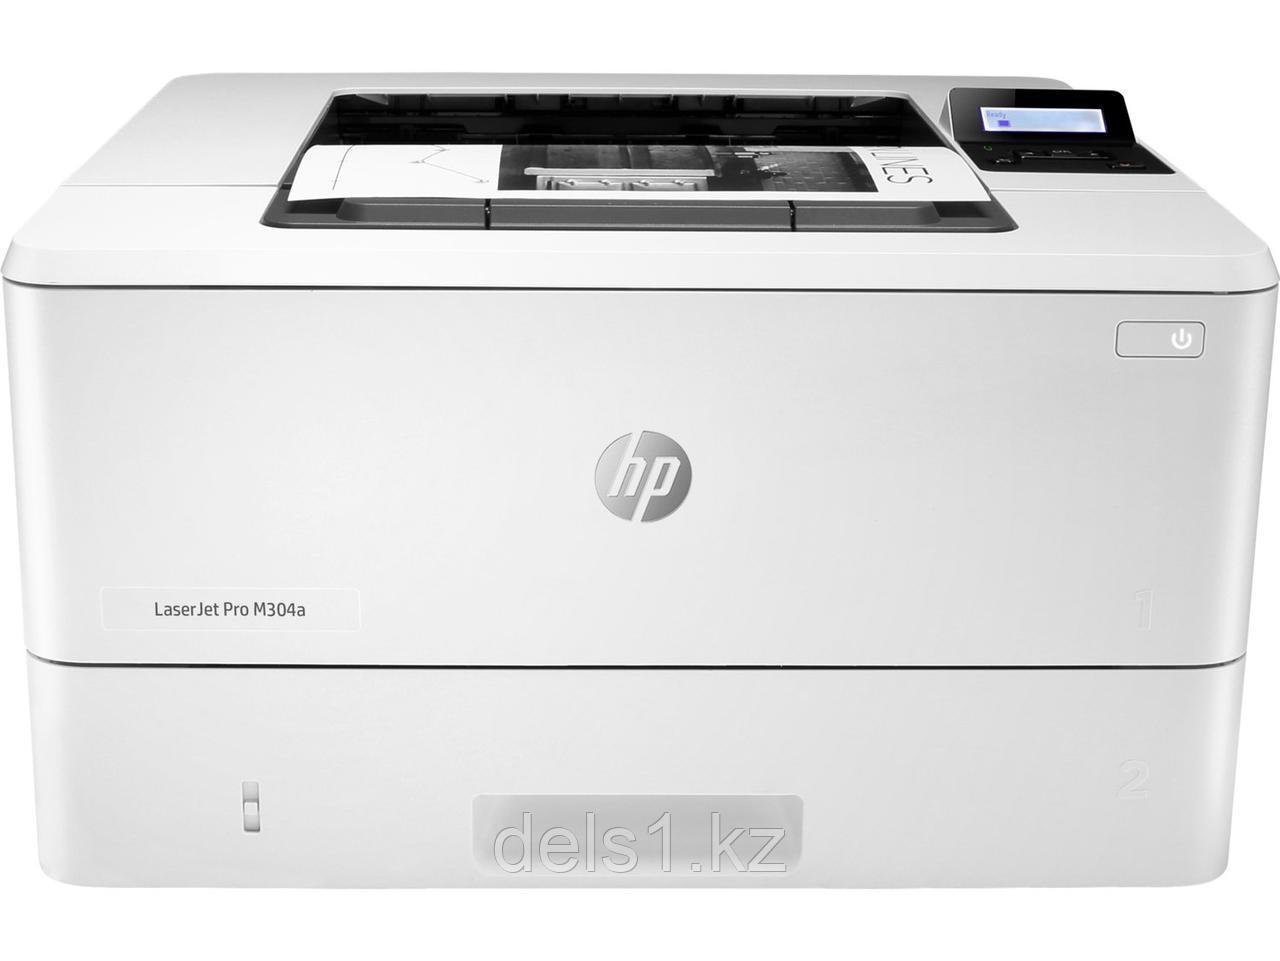 Лазерный принтер  HP LaserJet Pro M304a